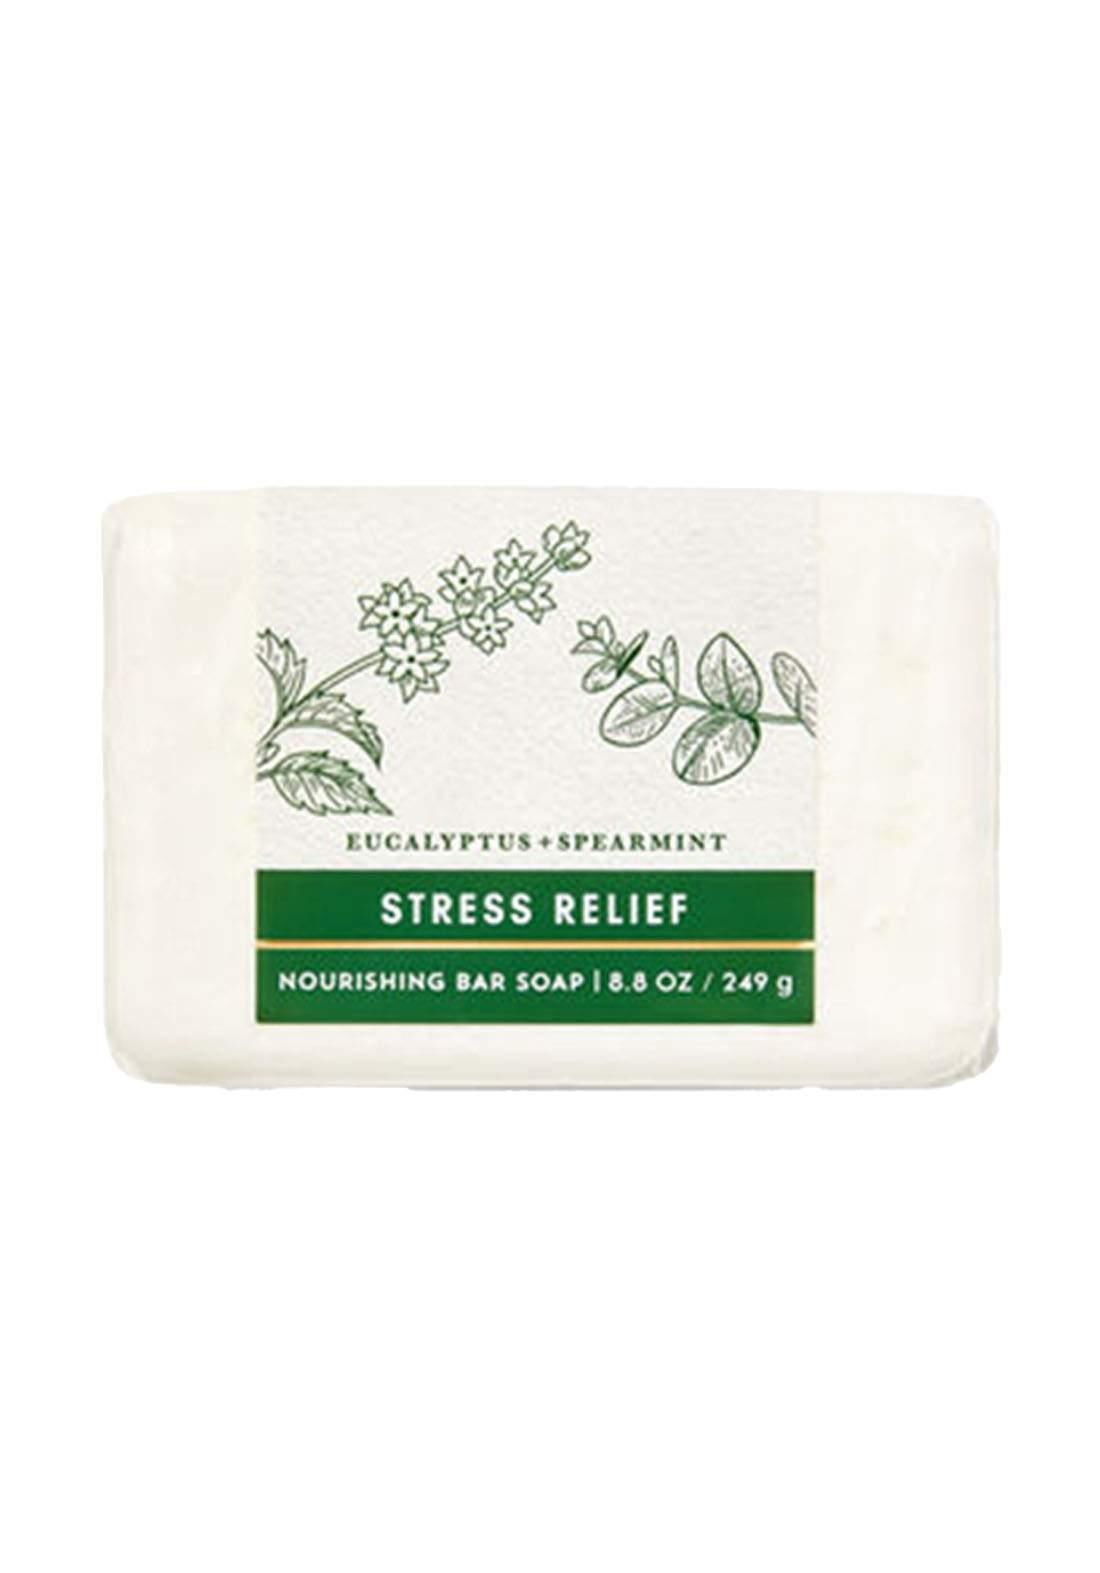 Bath And Body Works Aromatherapy Eucalyptus Spearmint Nourishing Bar Soap 249g صابونة